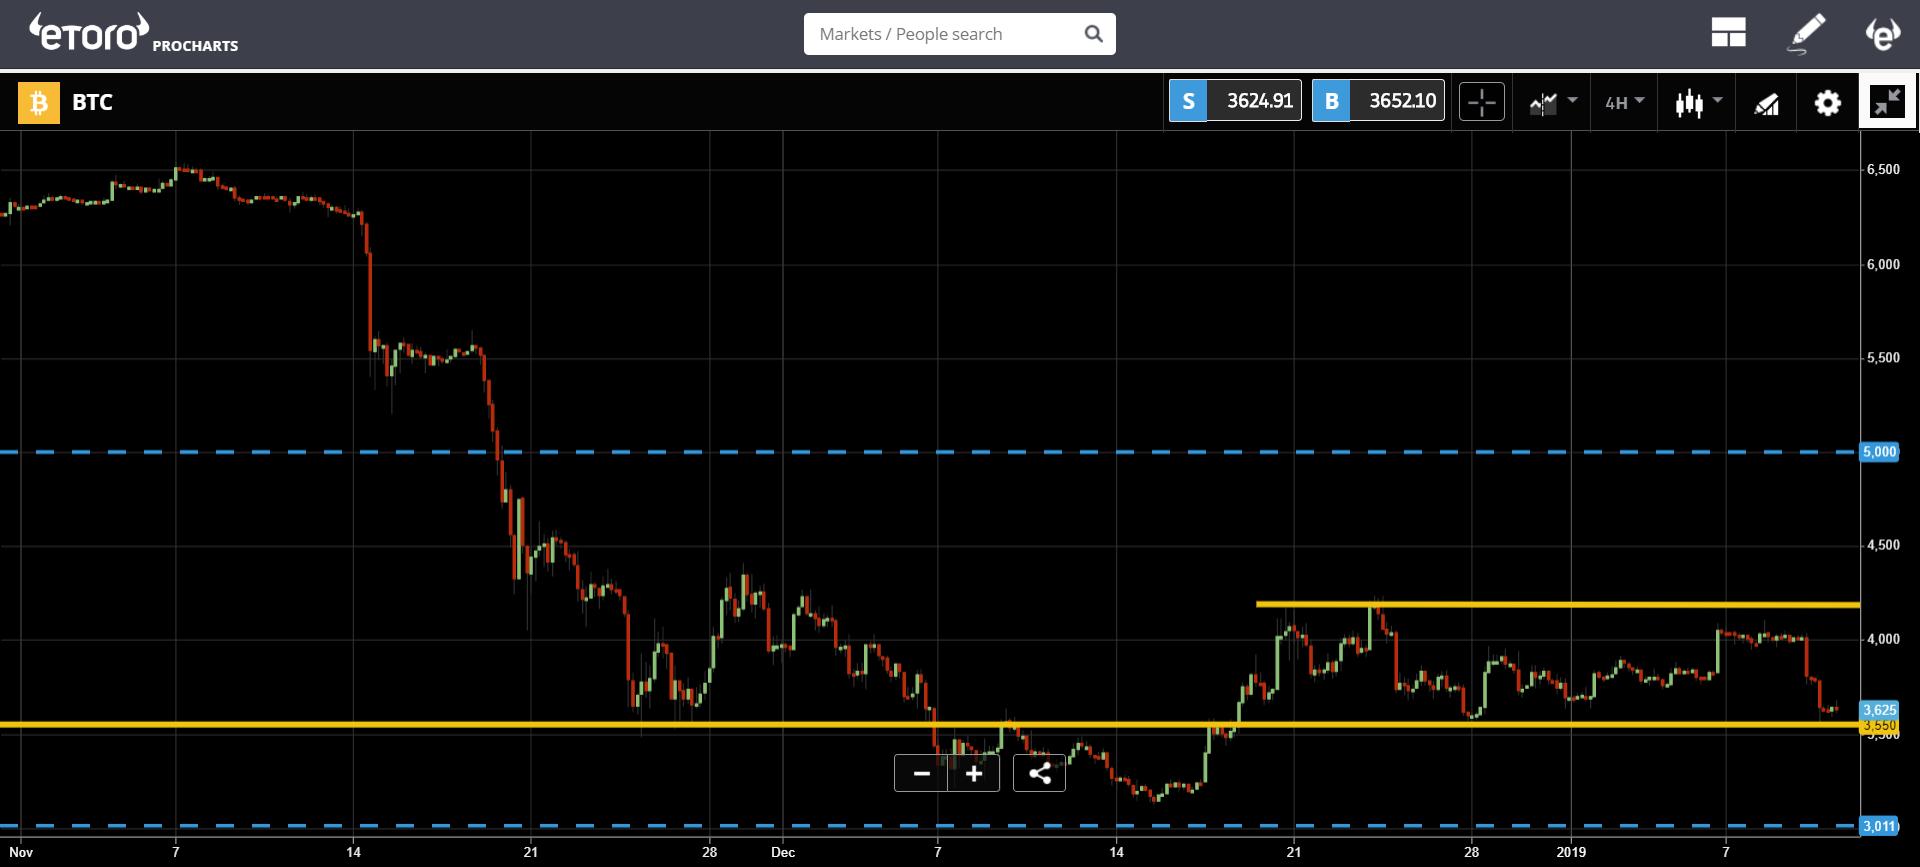 Bitcoin giảm kịch sàn trong tháng đầu năm, tới ngưỡng bốc hơi - Ảnh 2.